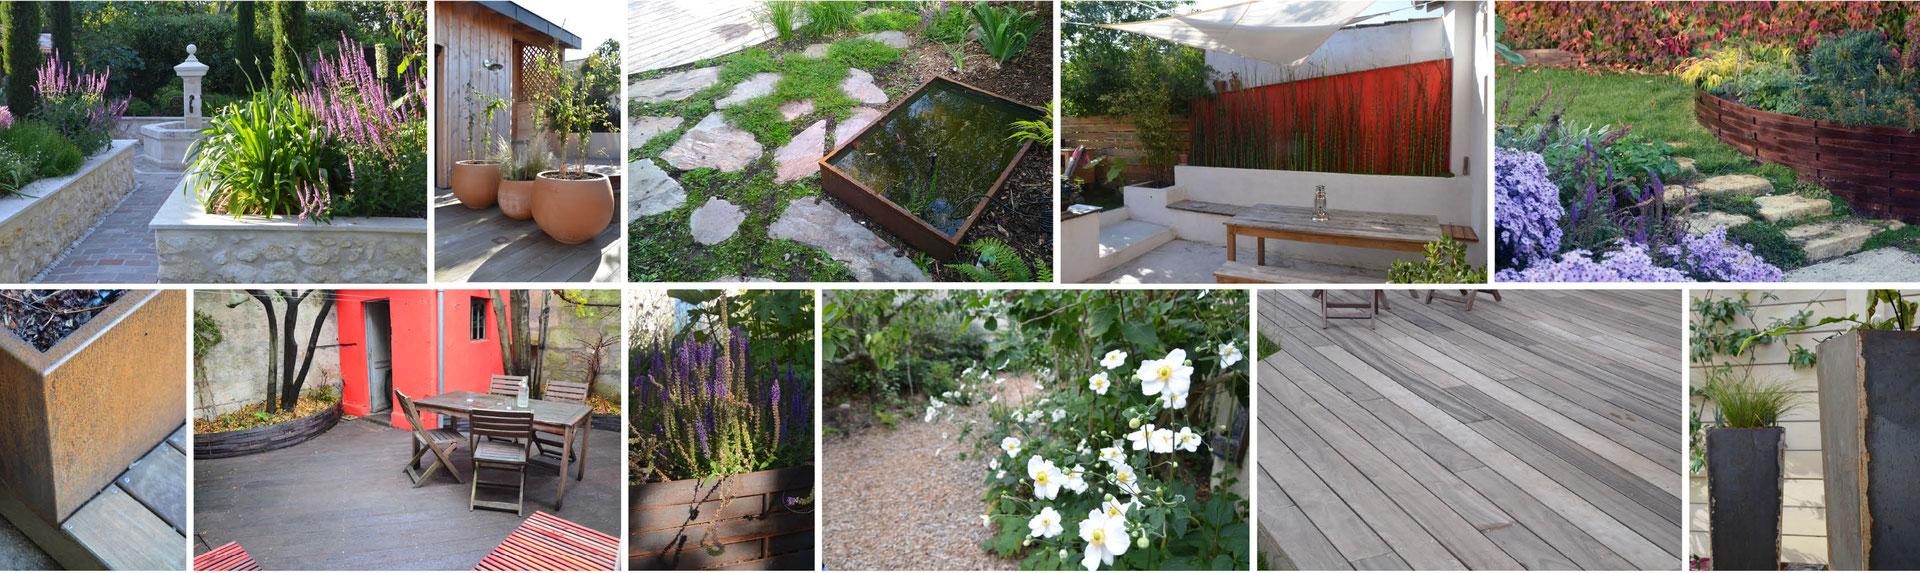 Ombellifere jardinier paysagiste sur bordeaux site de for Site de paysagiste